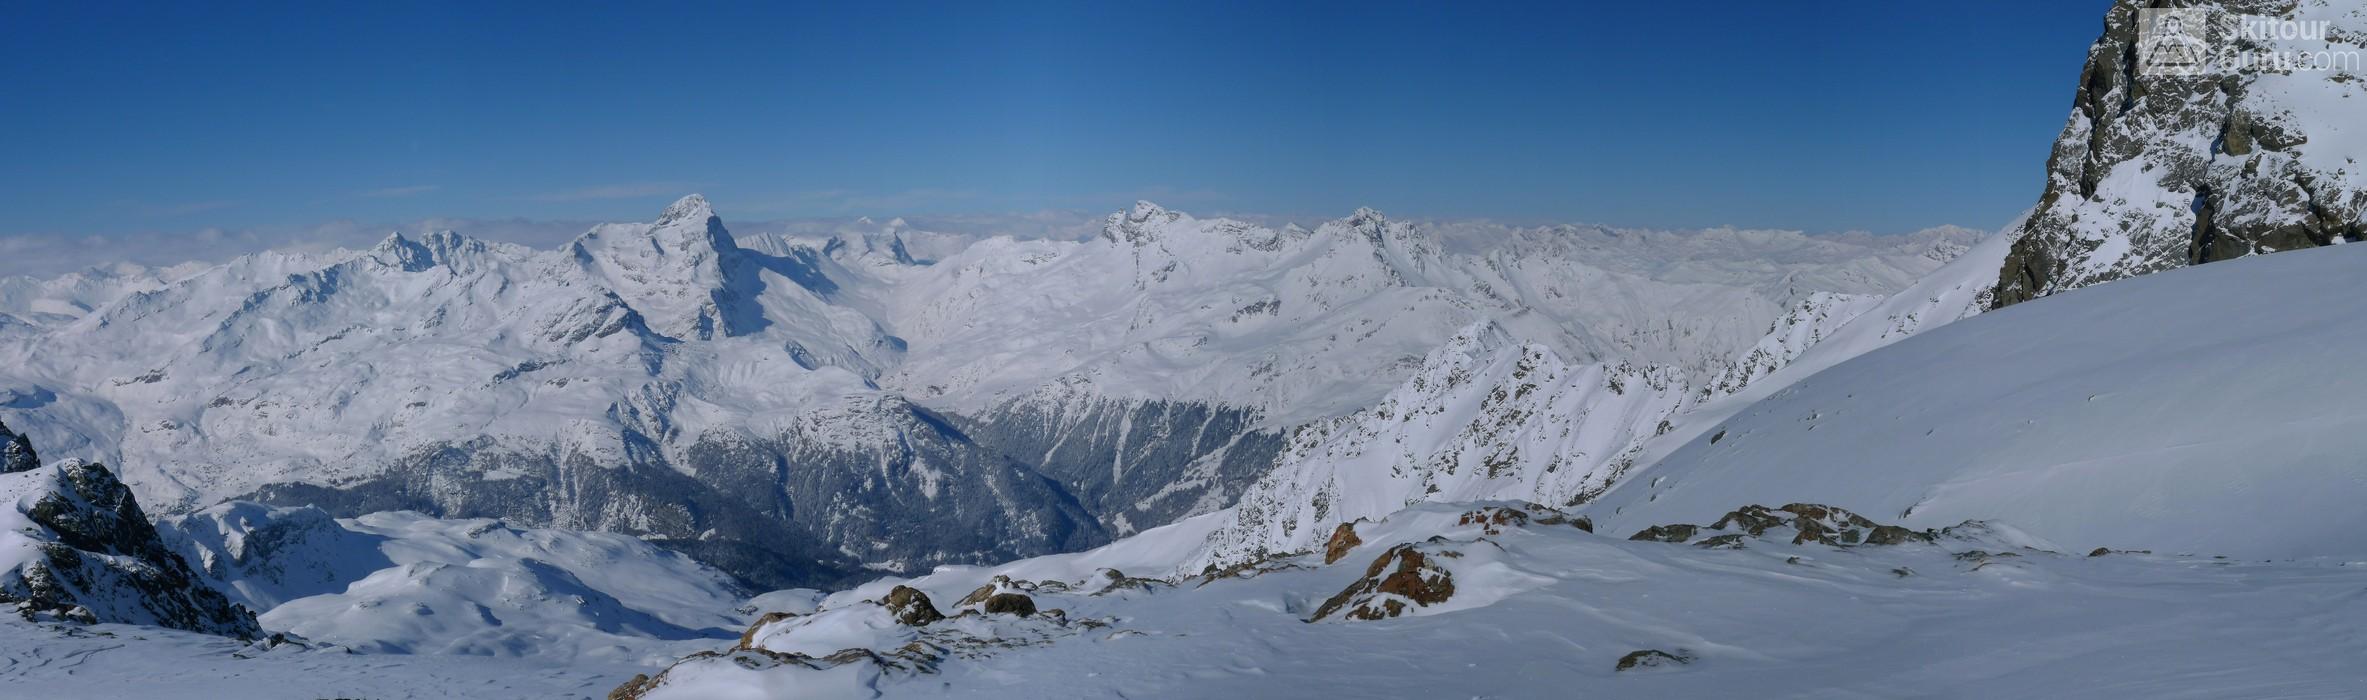 Piz Calderas Albula Alpen Schweiz panorama 31